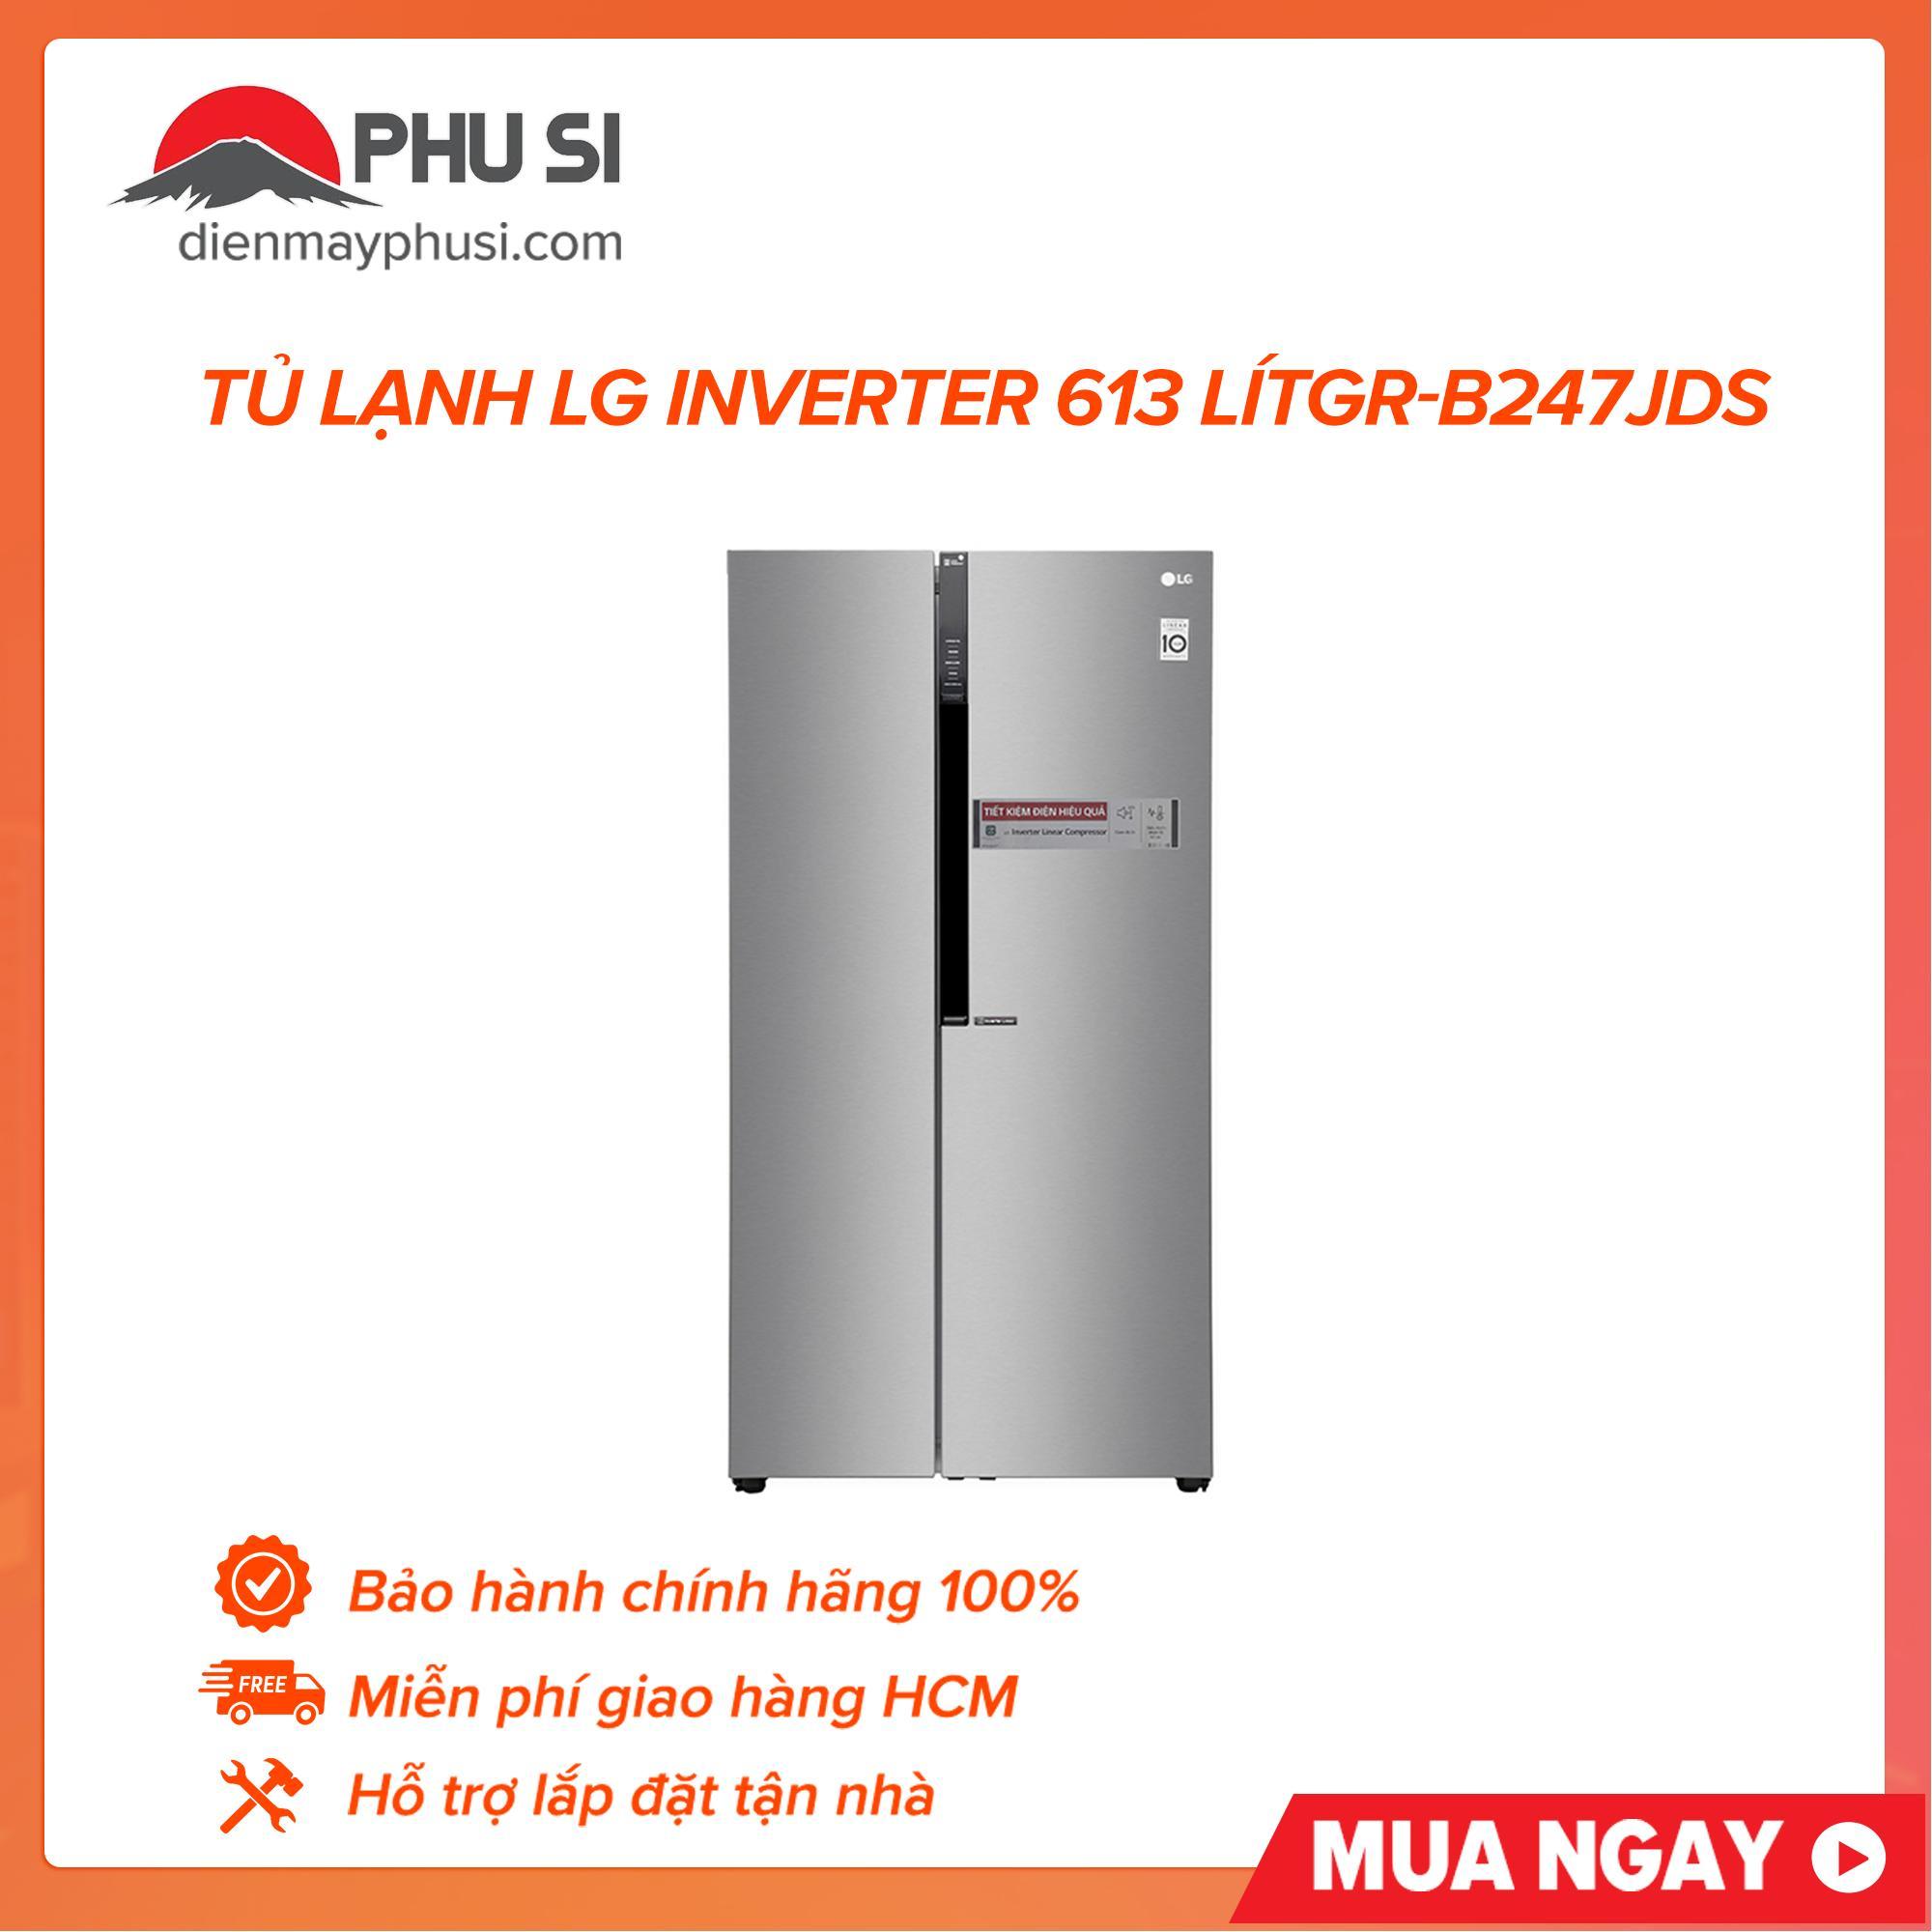 Tủ Lạnh LG Inverter 613 Lít GR-B247JDS Đang Khuyến Mãi